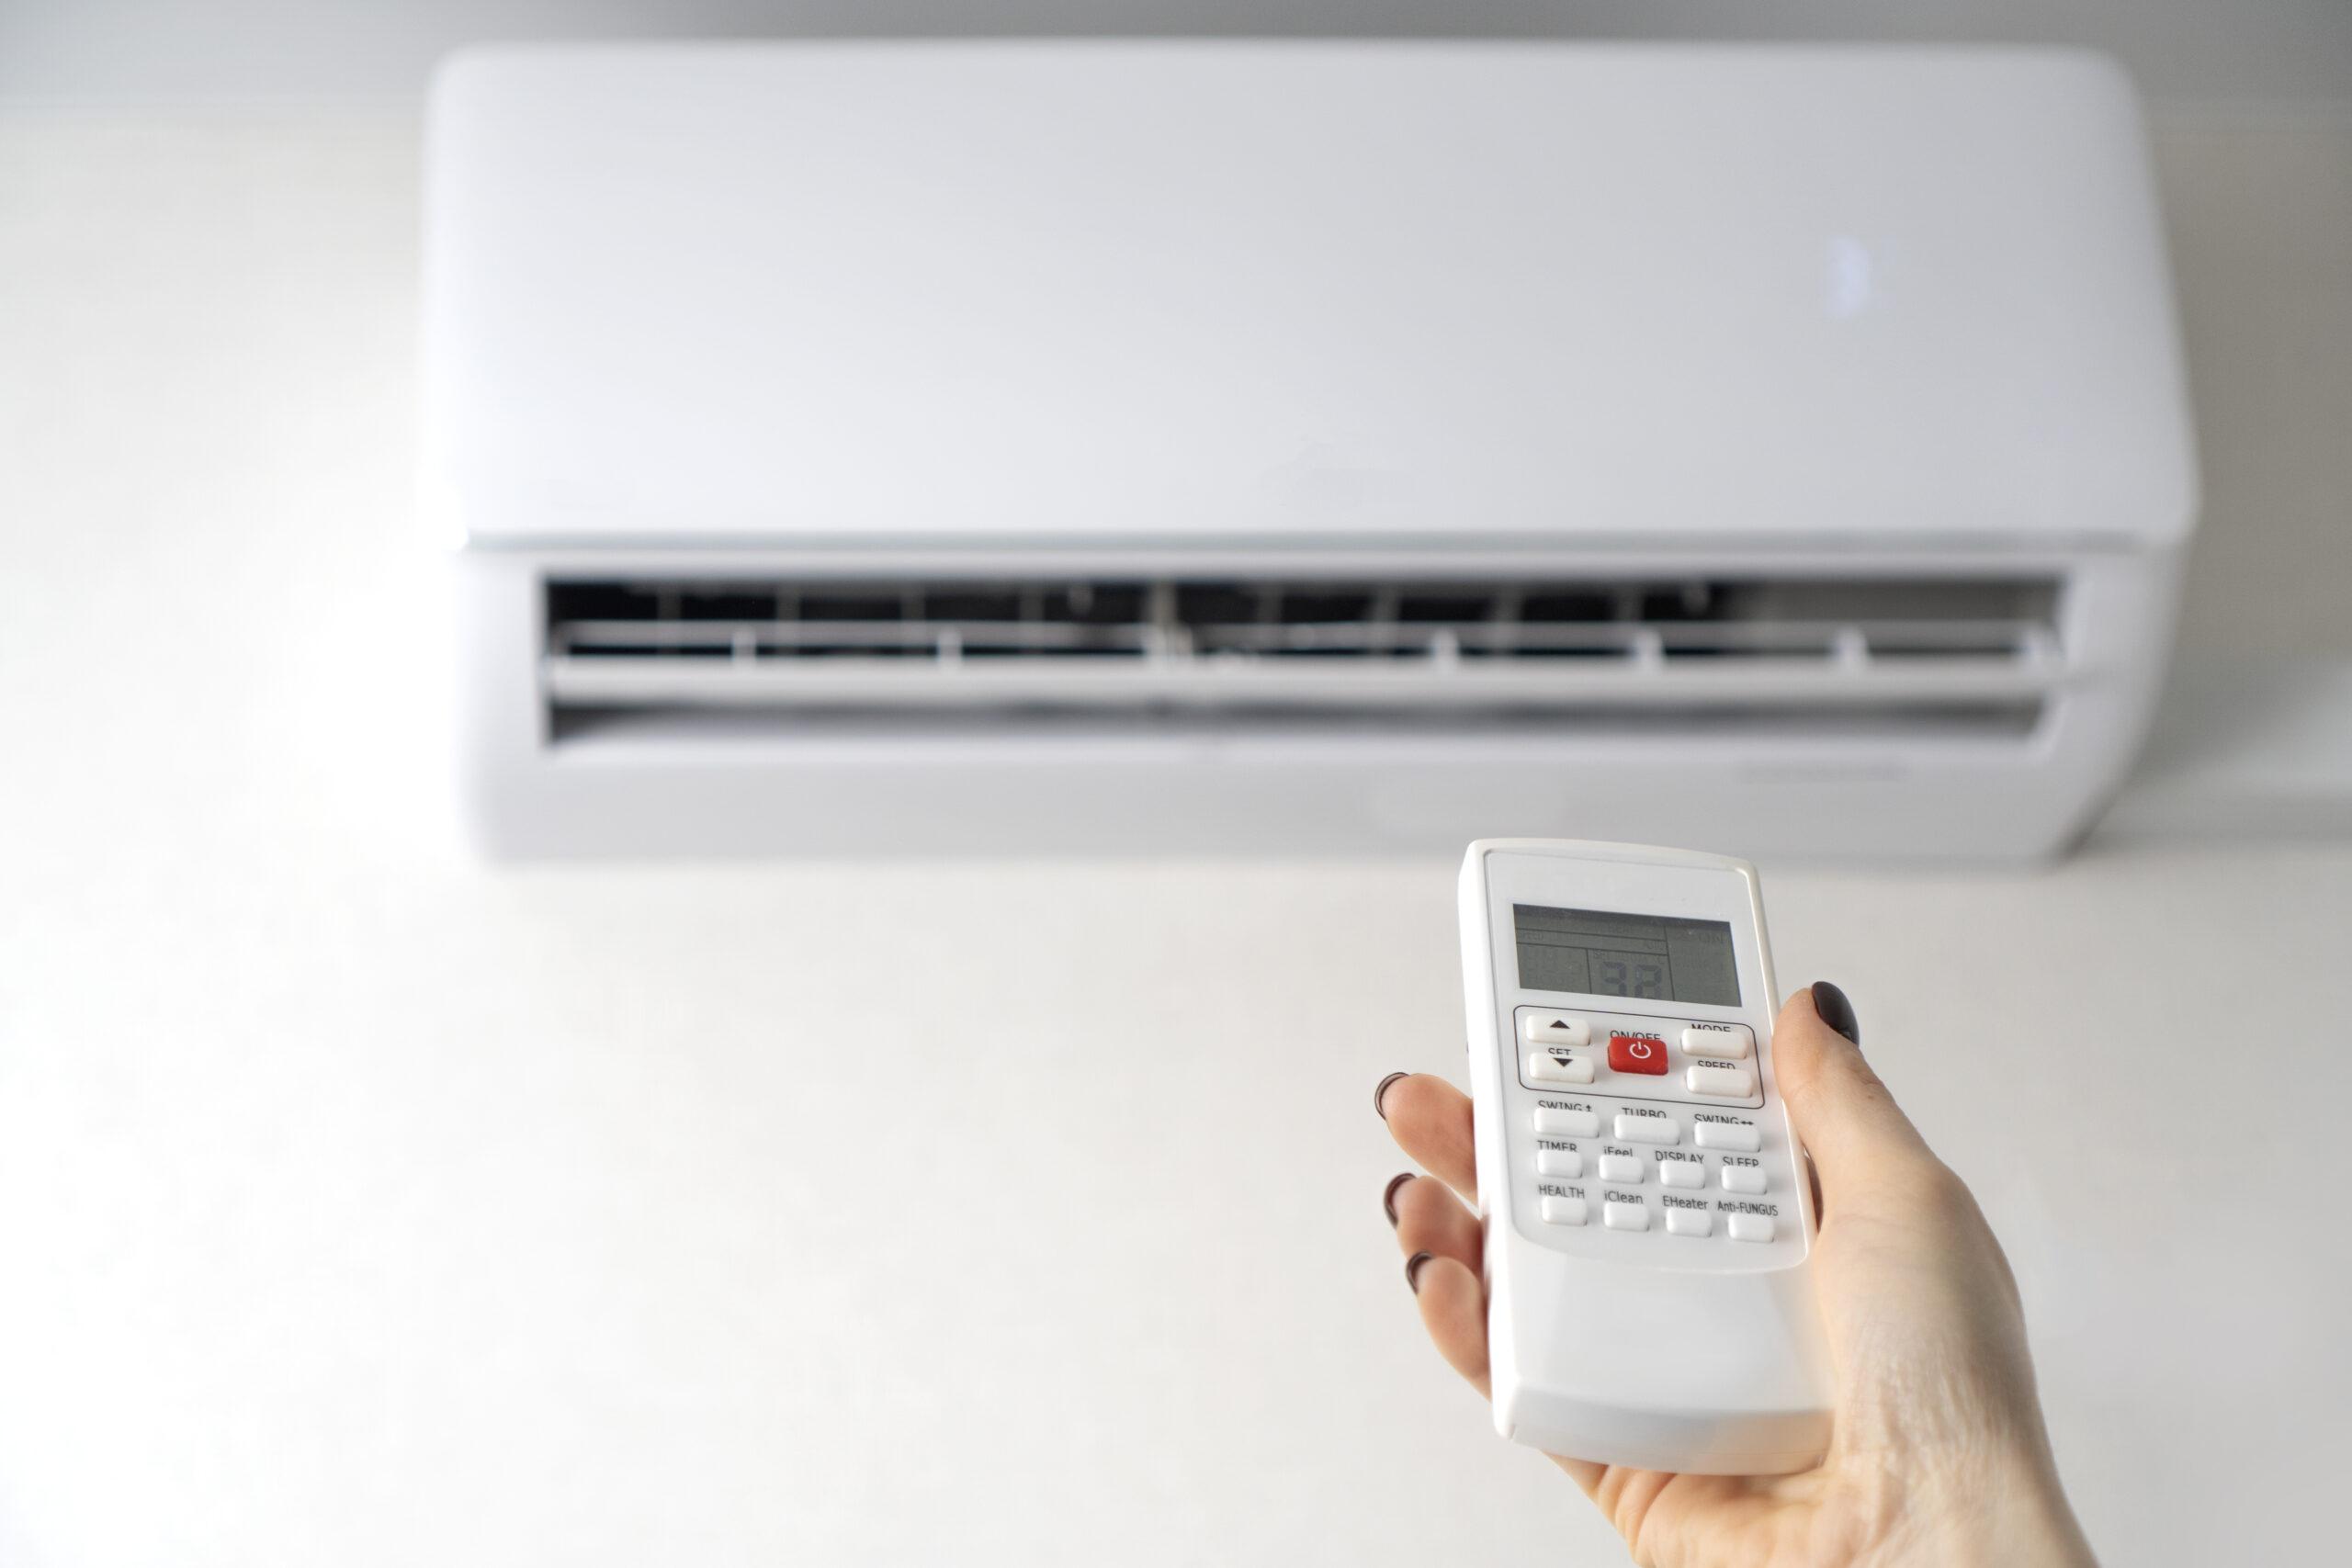 apa-itu-air-conditioner-kenali-fungsi-dan-keuntungan-menggunakannya